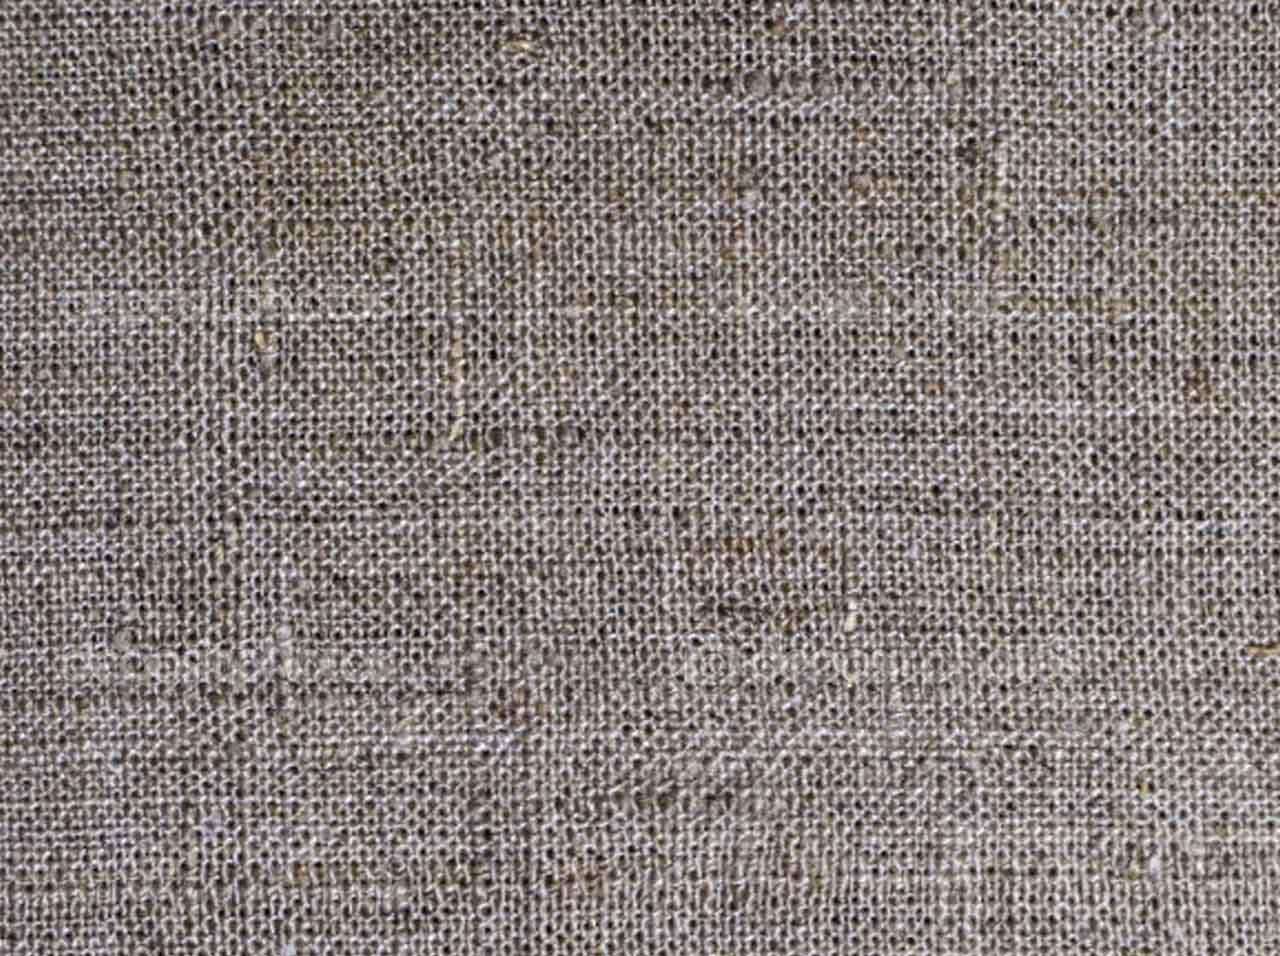 Pittura Pareti Effetto Seta : Vernice effetto tessuto per superfici morbide e vellutate